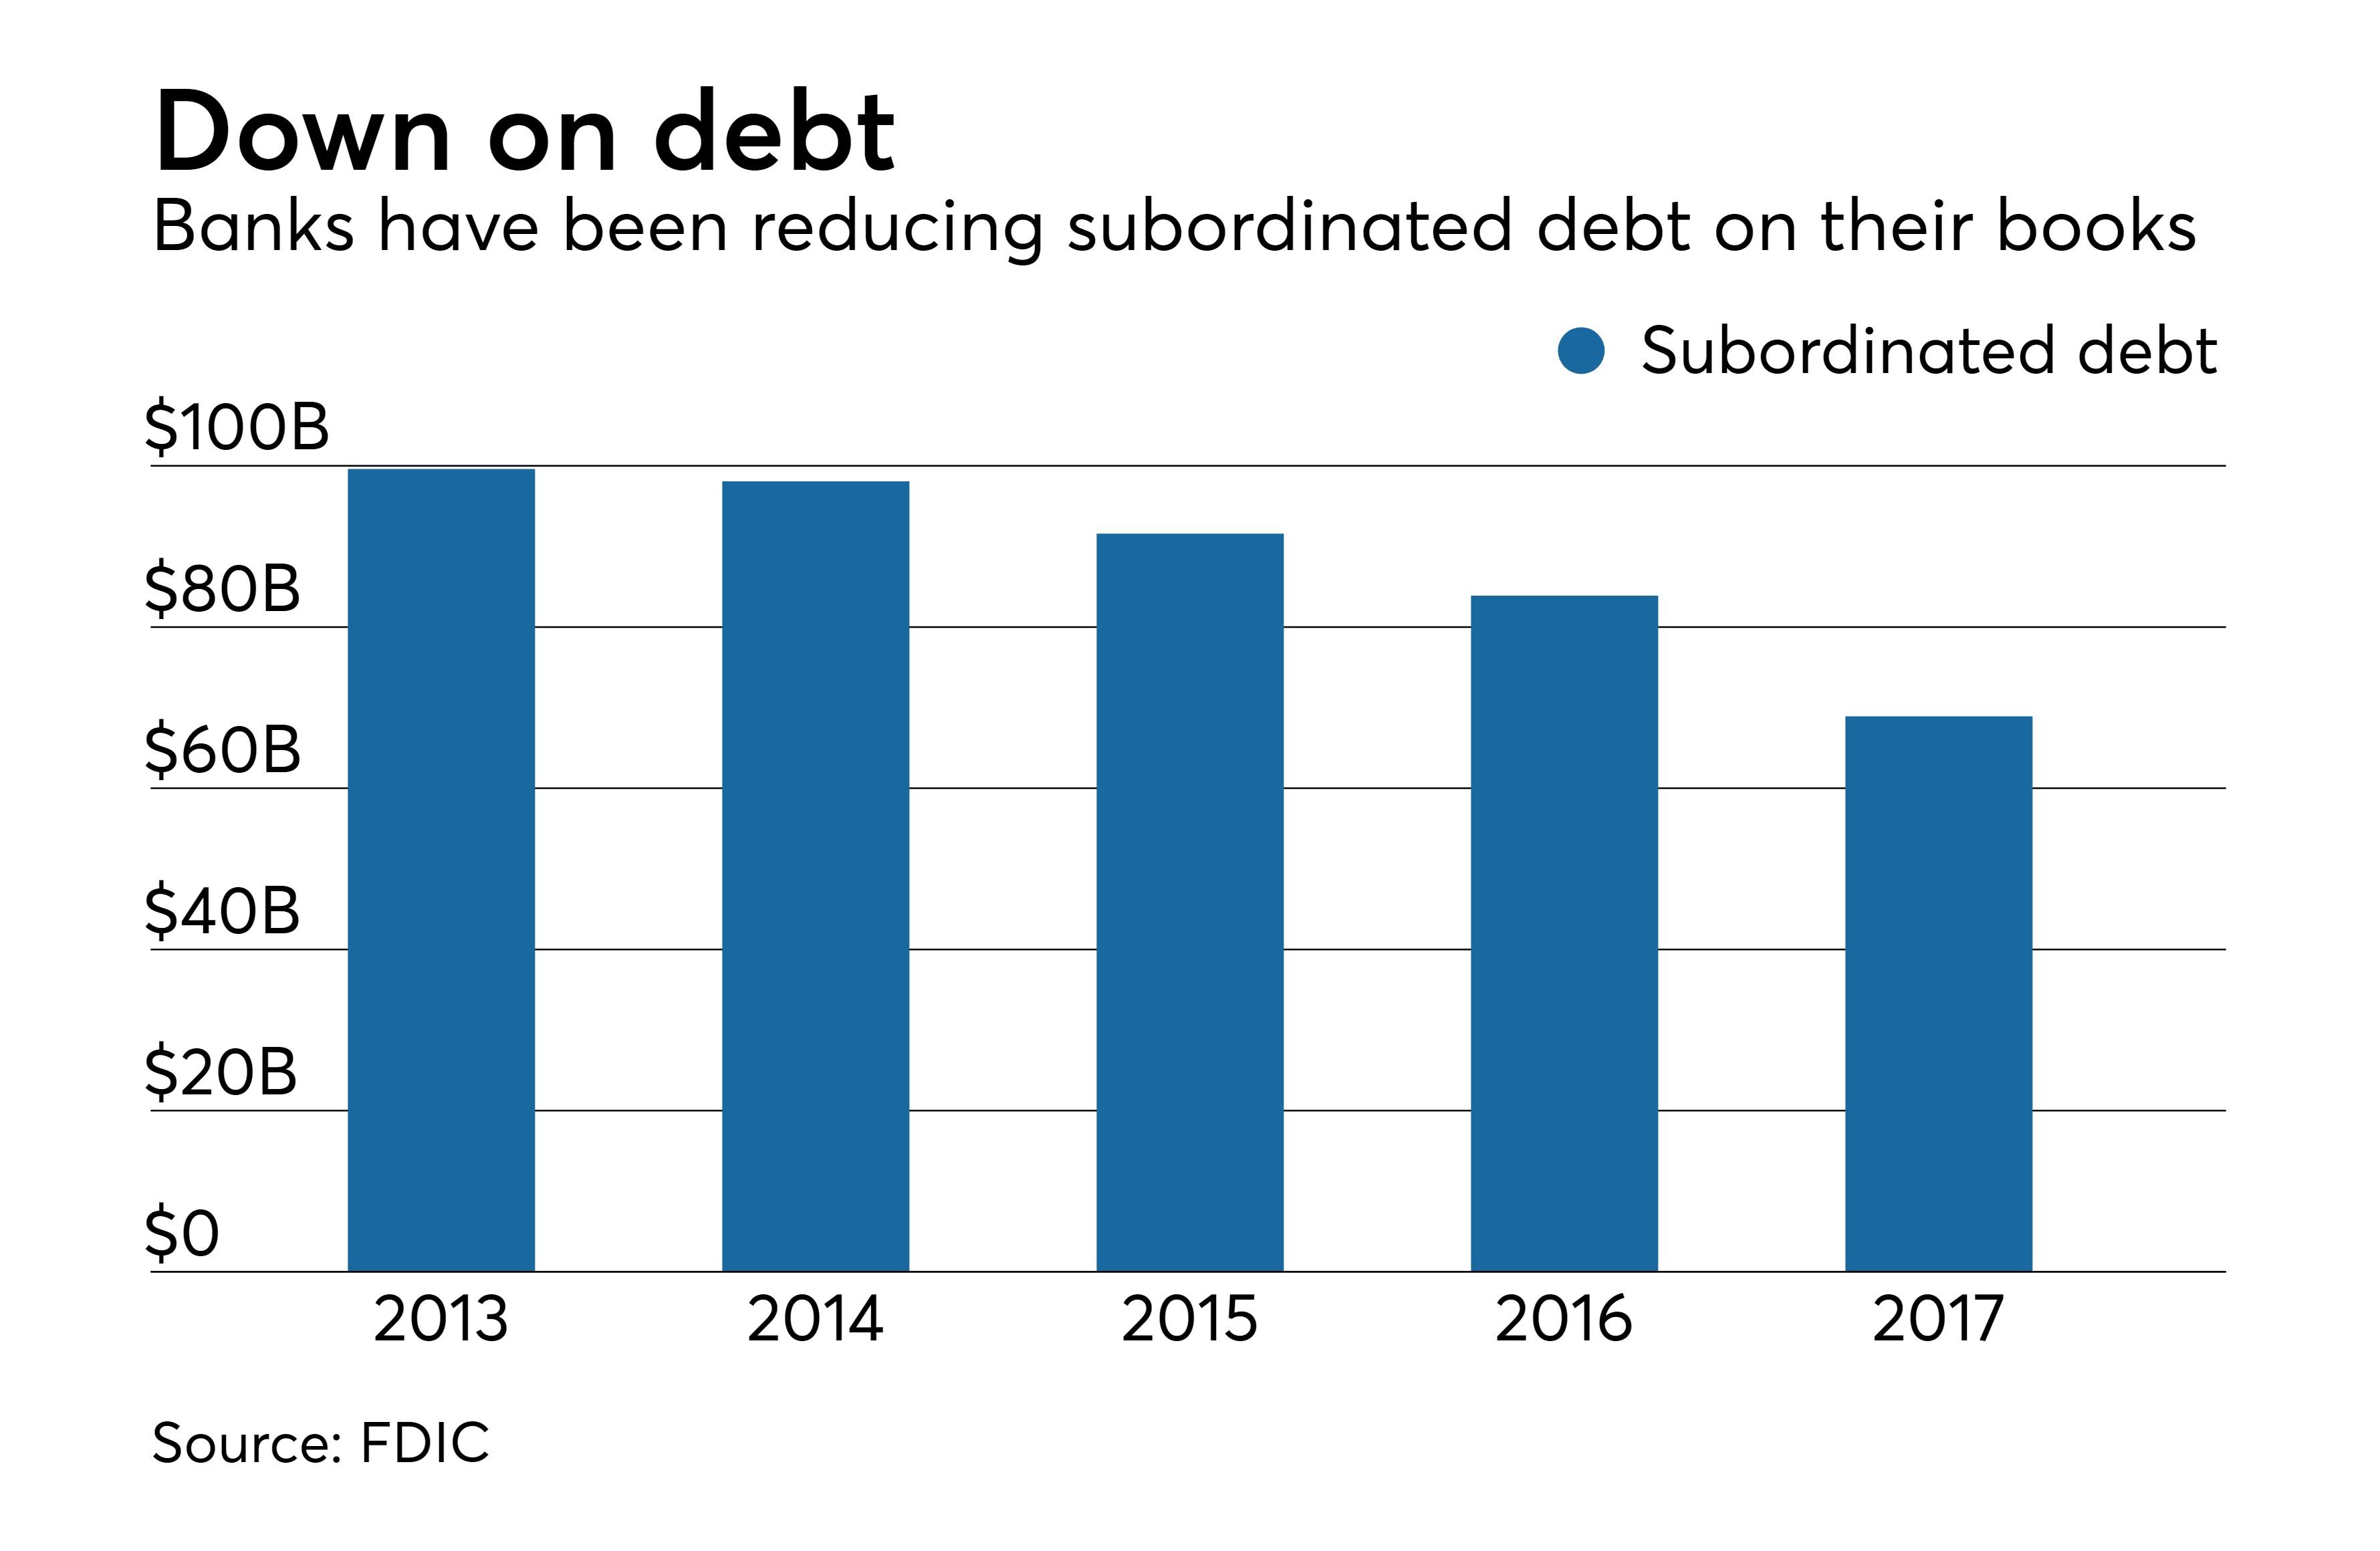 ab subdebt